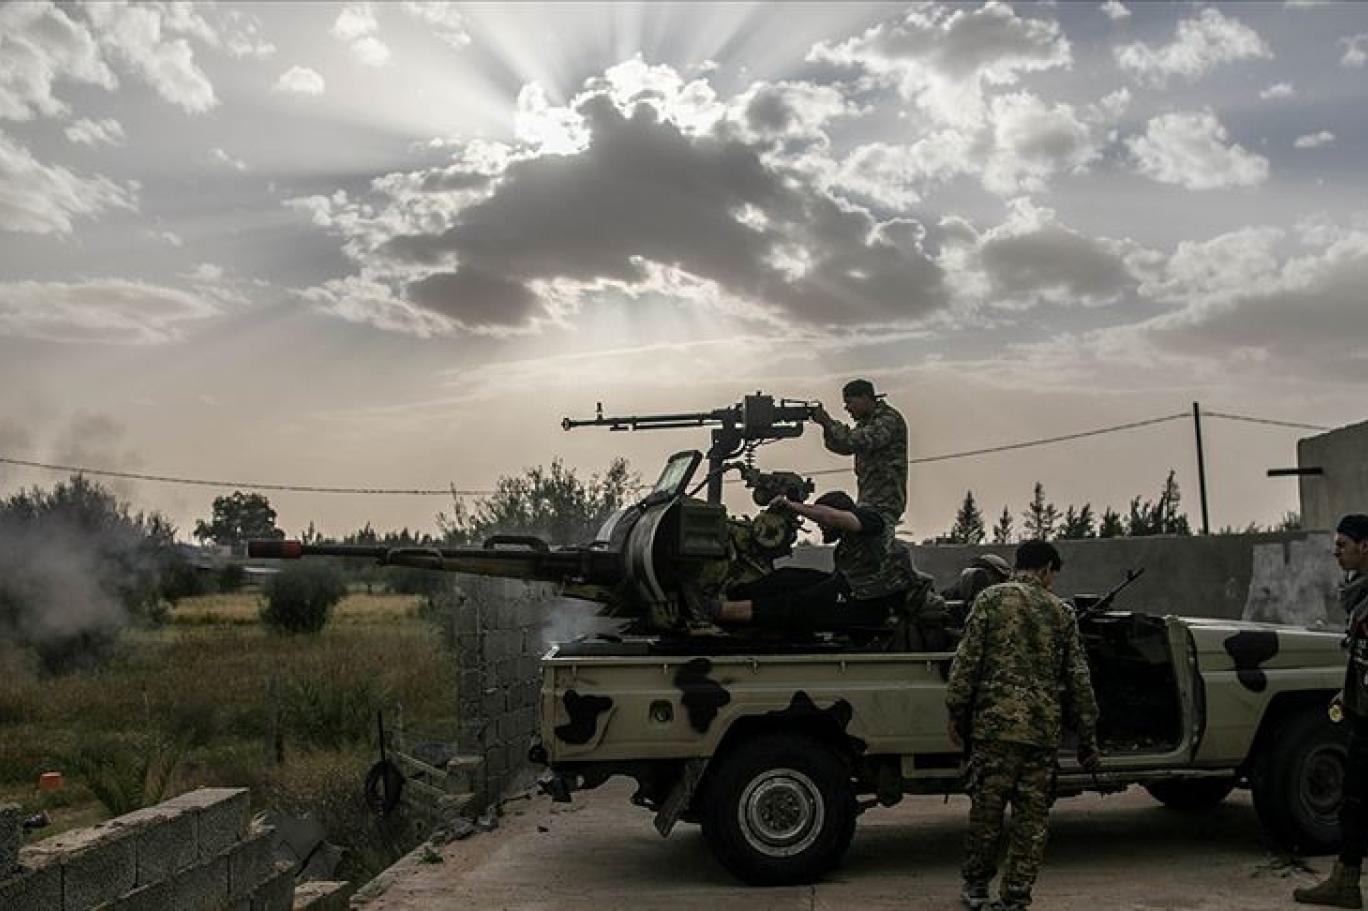 Suriye | Rusya: Militanlar, kimyasal saldırı hazırlığında!